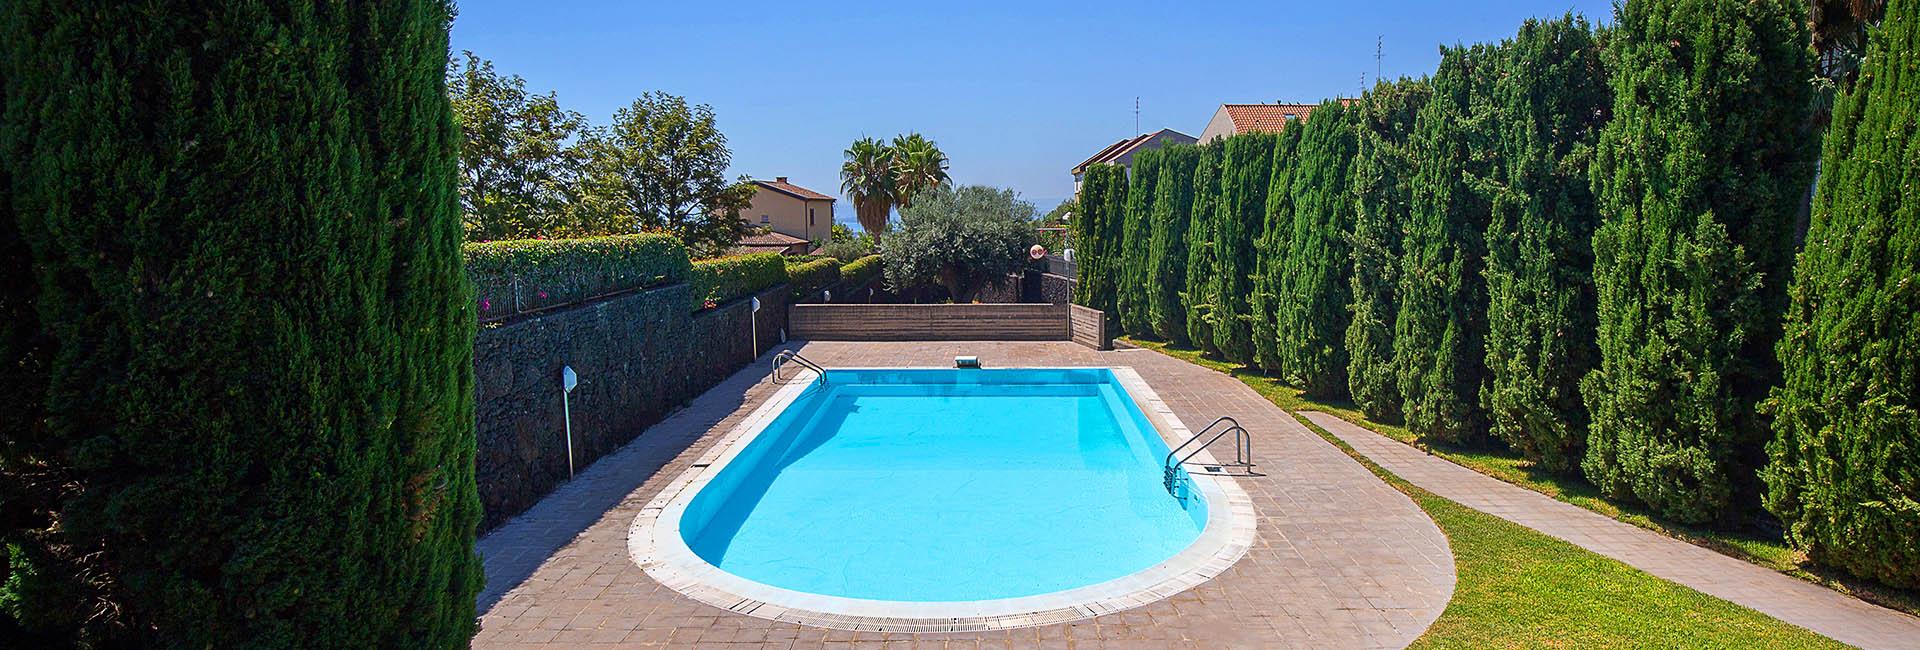 Villa 4 piani con piscina 4 le ville di cerza for Piani del cortile con piscine